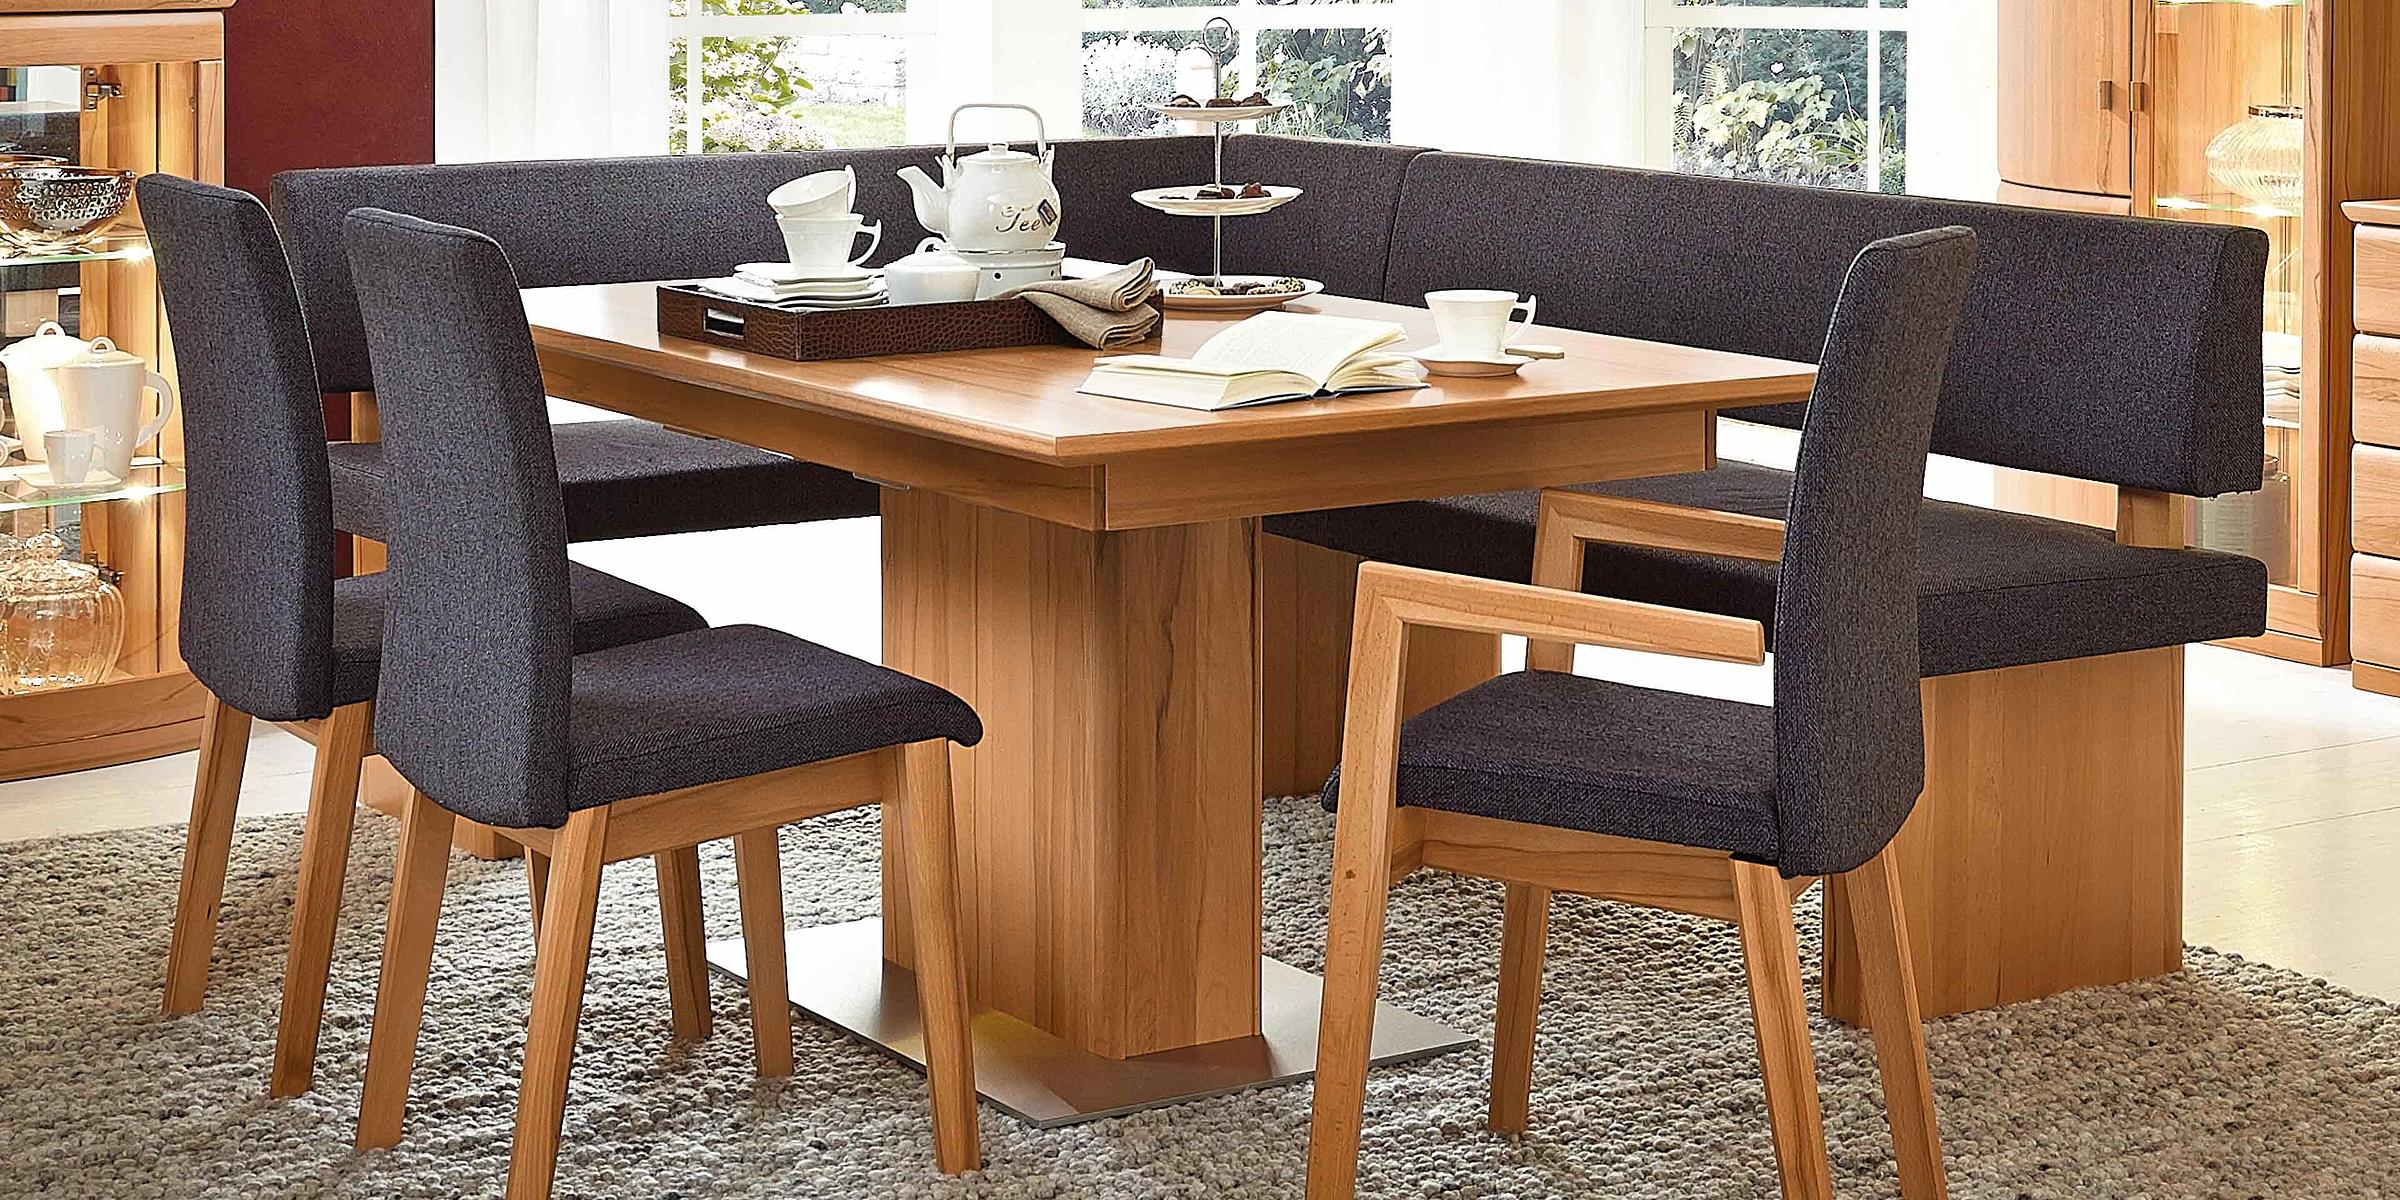 Stuhl Sitzbank Stoff Säulentisch Esszimmer Allegro Opus